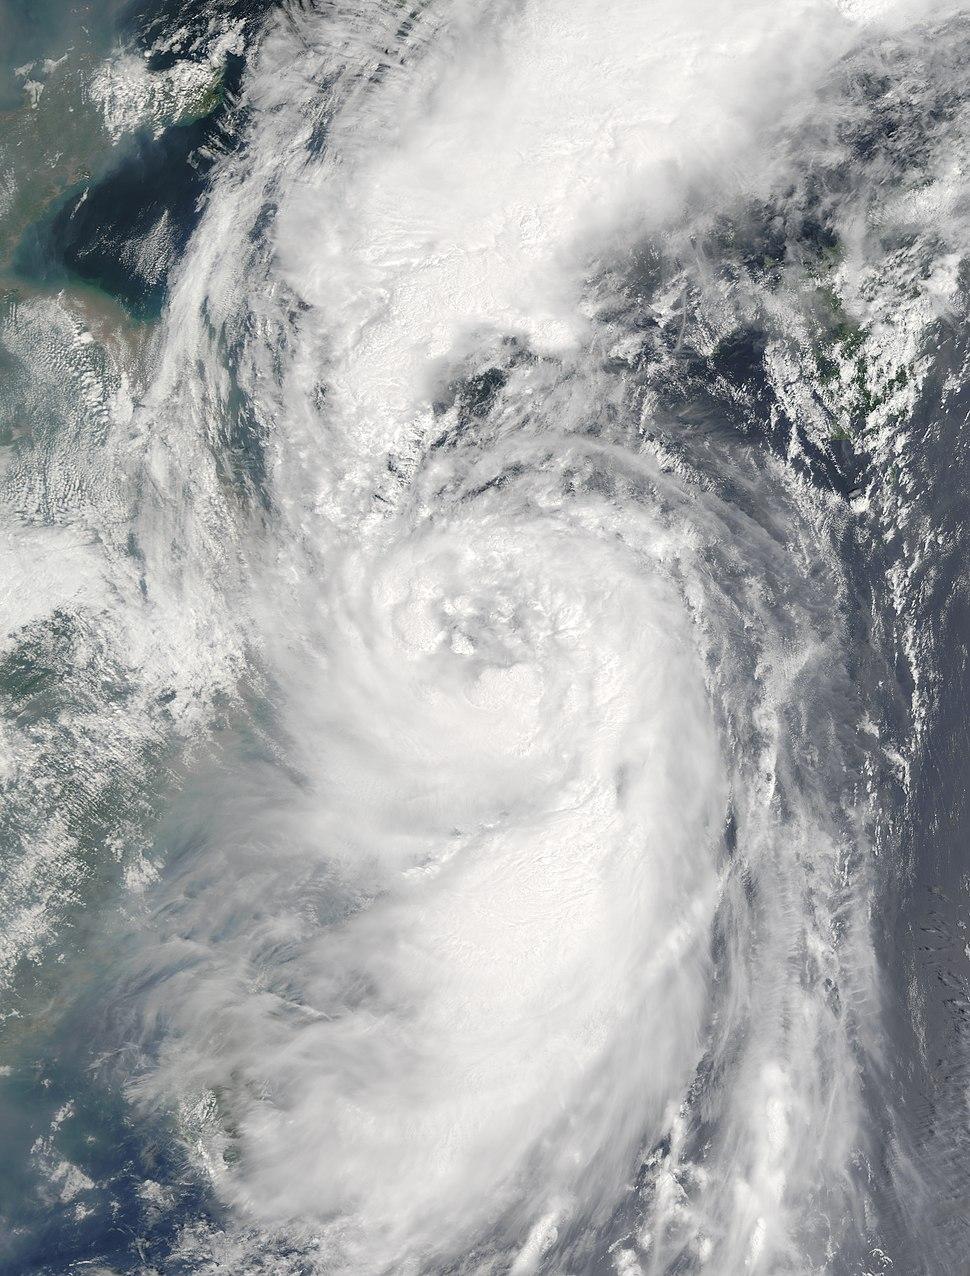 Megi 2004-08-18 0206Z